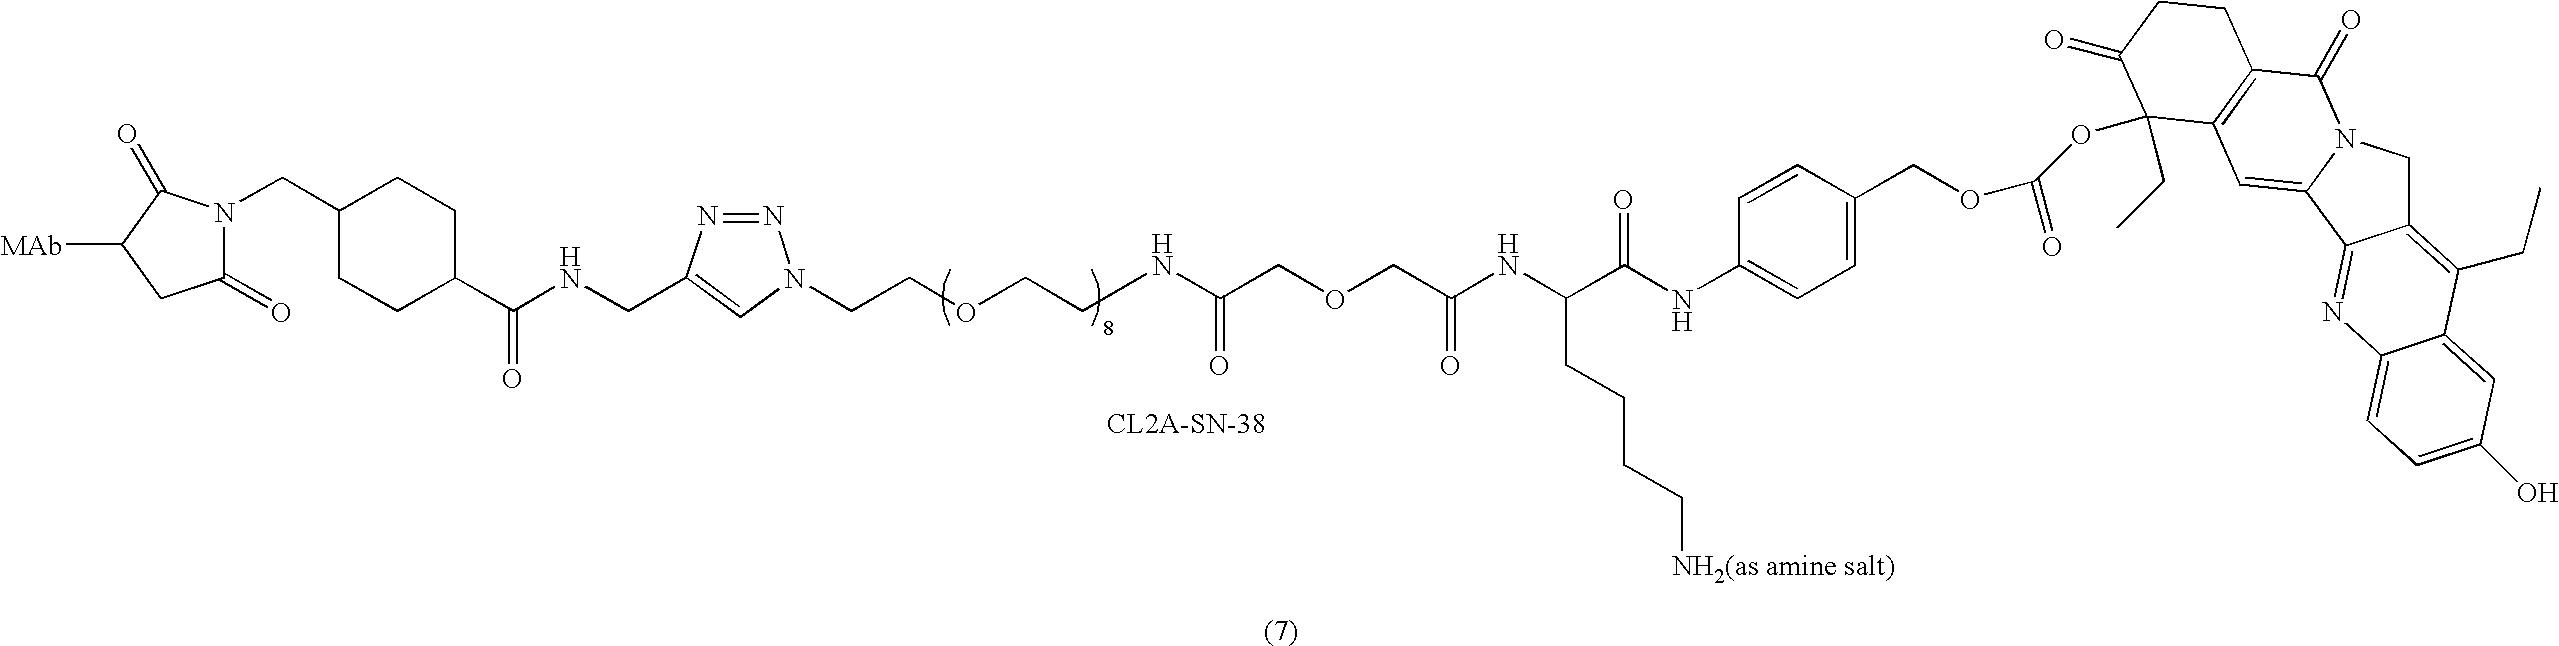 Figure US20100104589A1-20100429-C00015